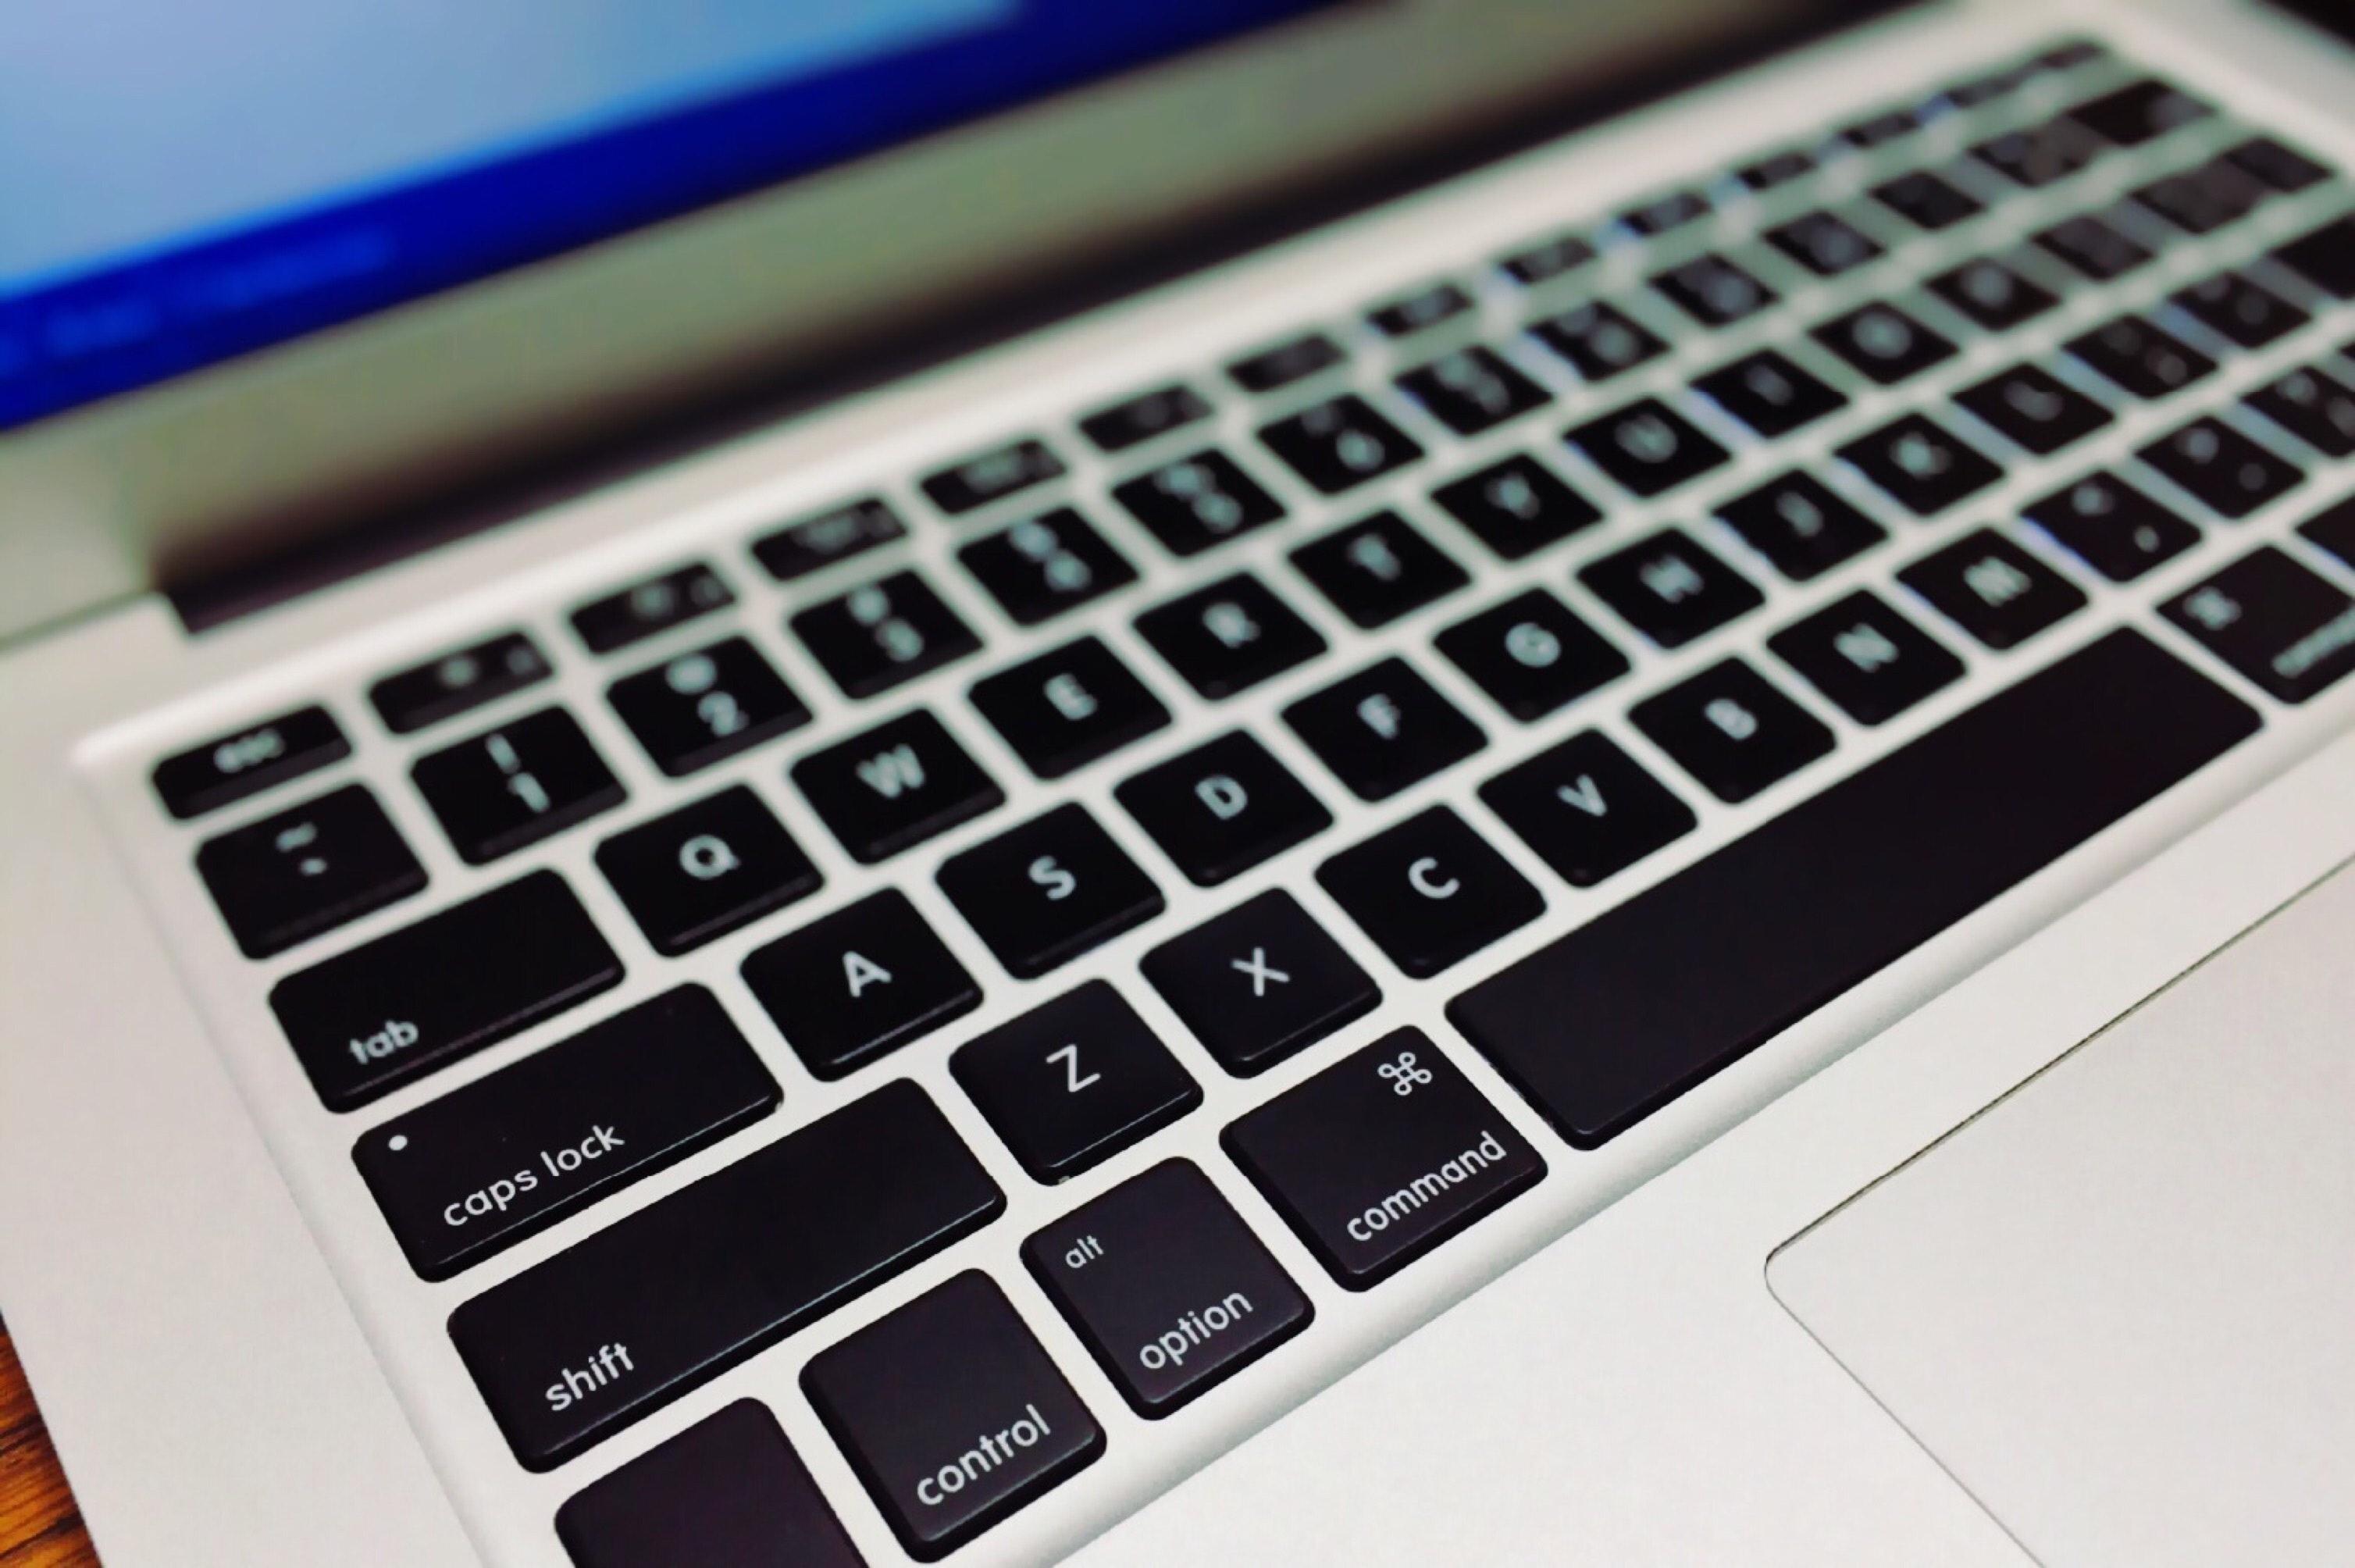 Photo of laptop keyboard showing caps lock key